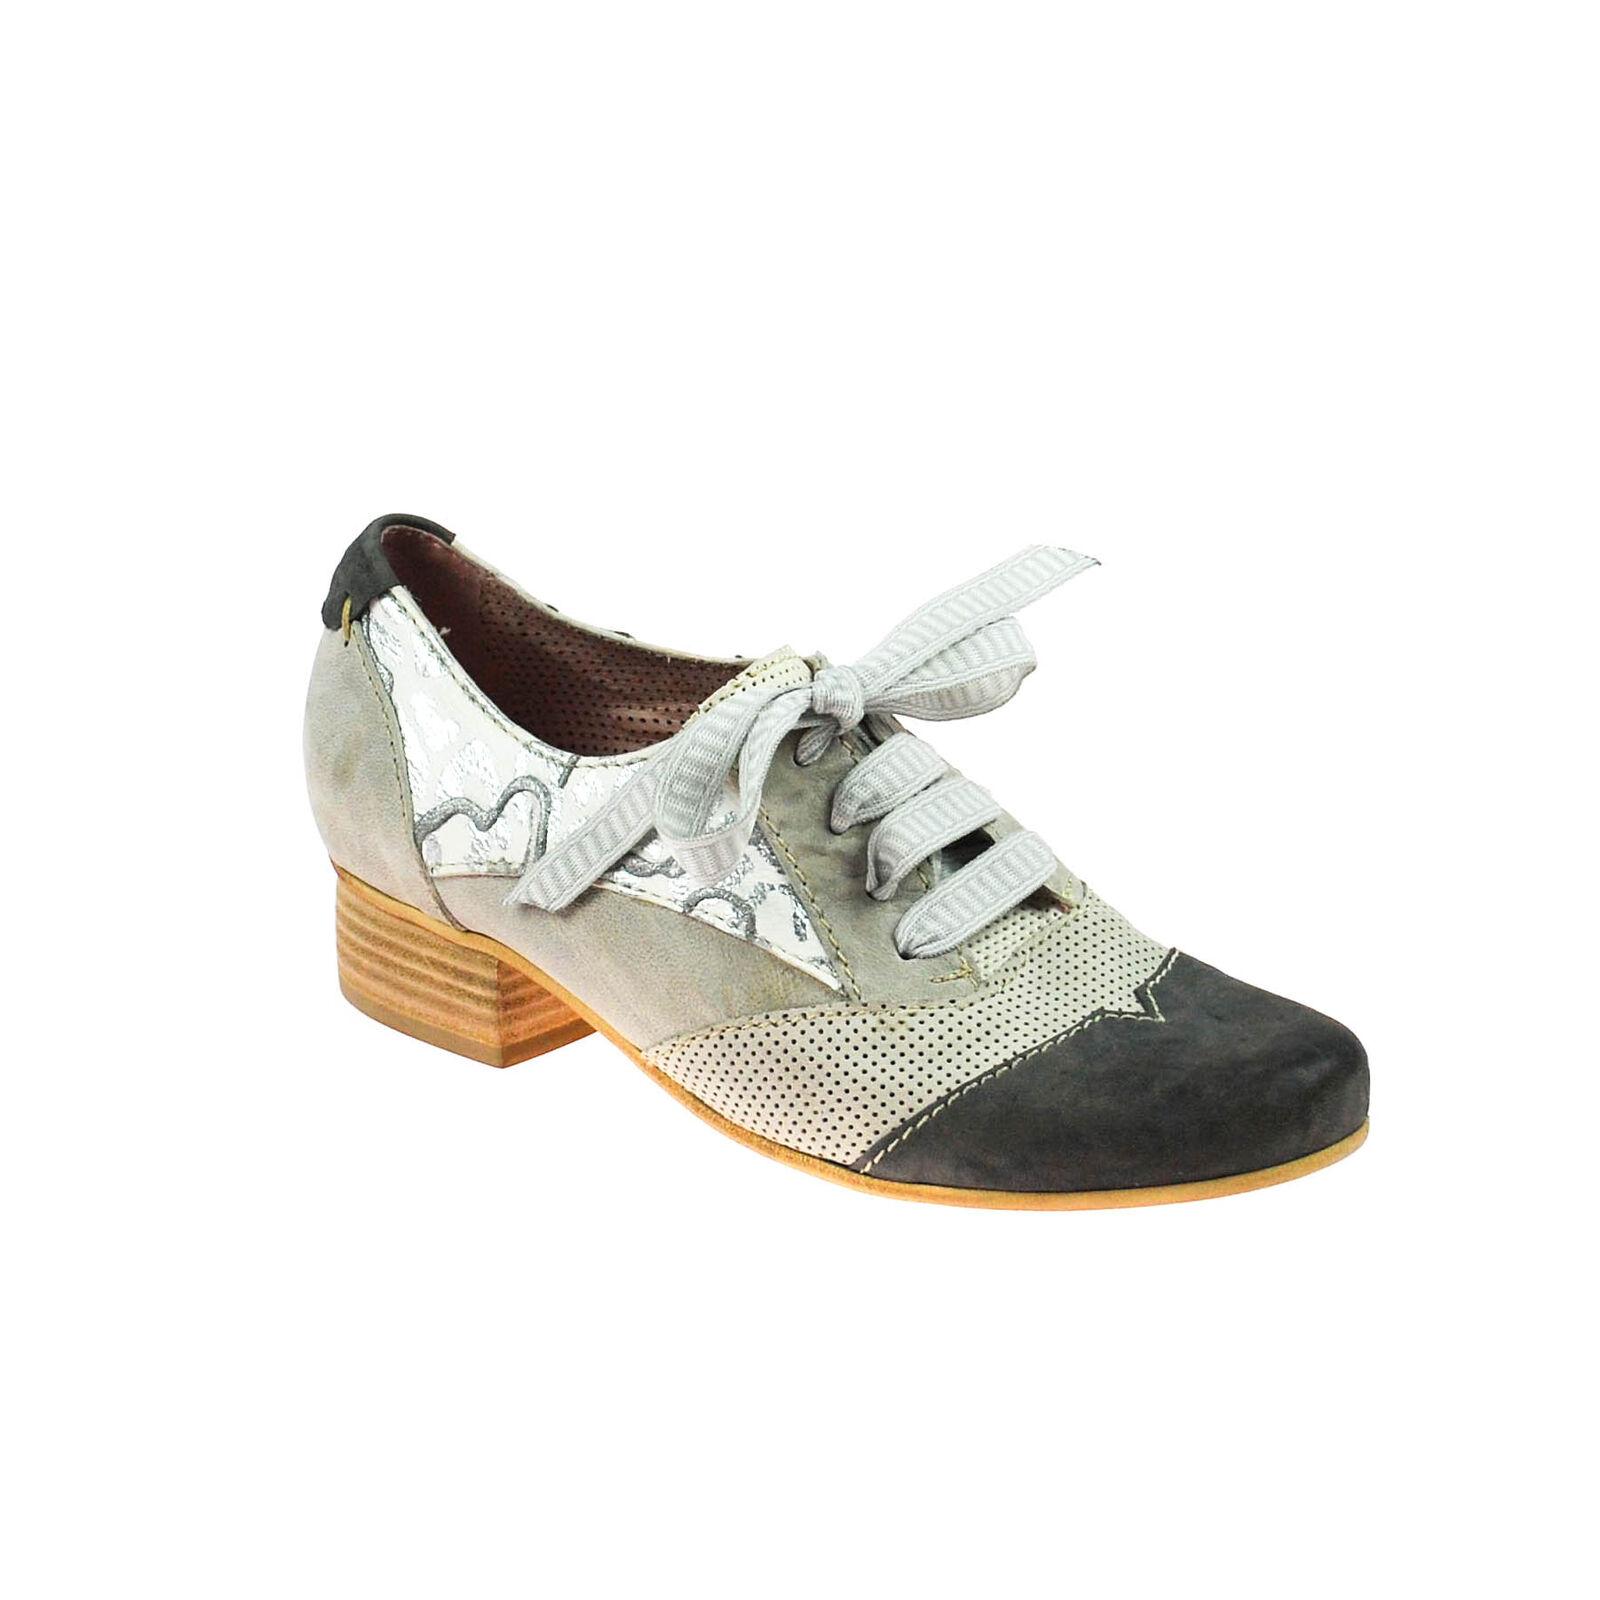 basta comprarlo Fascino DONNA mezza scarpa aperta pelle grigio bianco argento grigio grigio grigio scuro Multicolore  acquista la qualità autentica al 100%